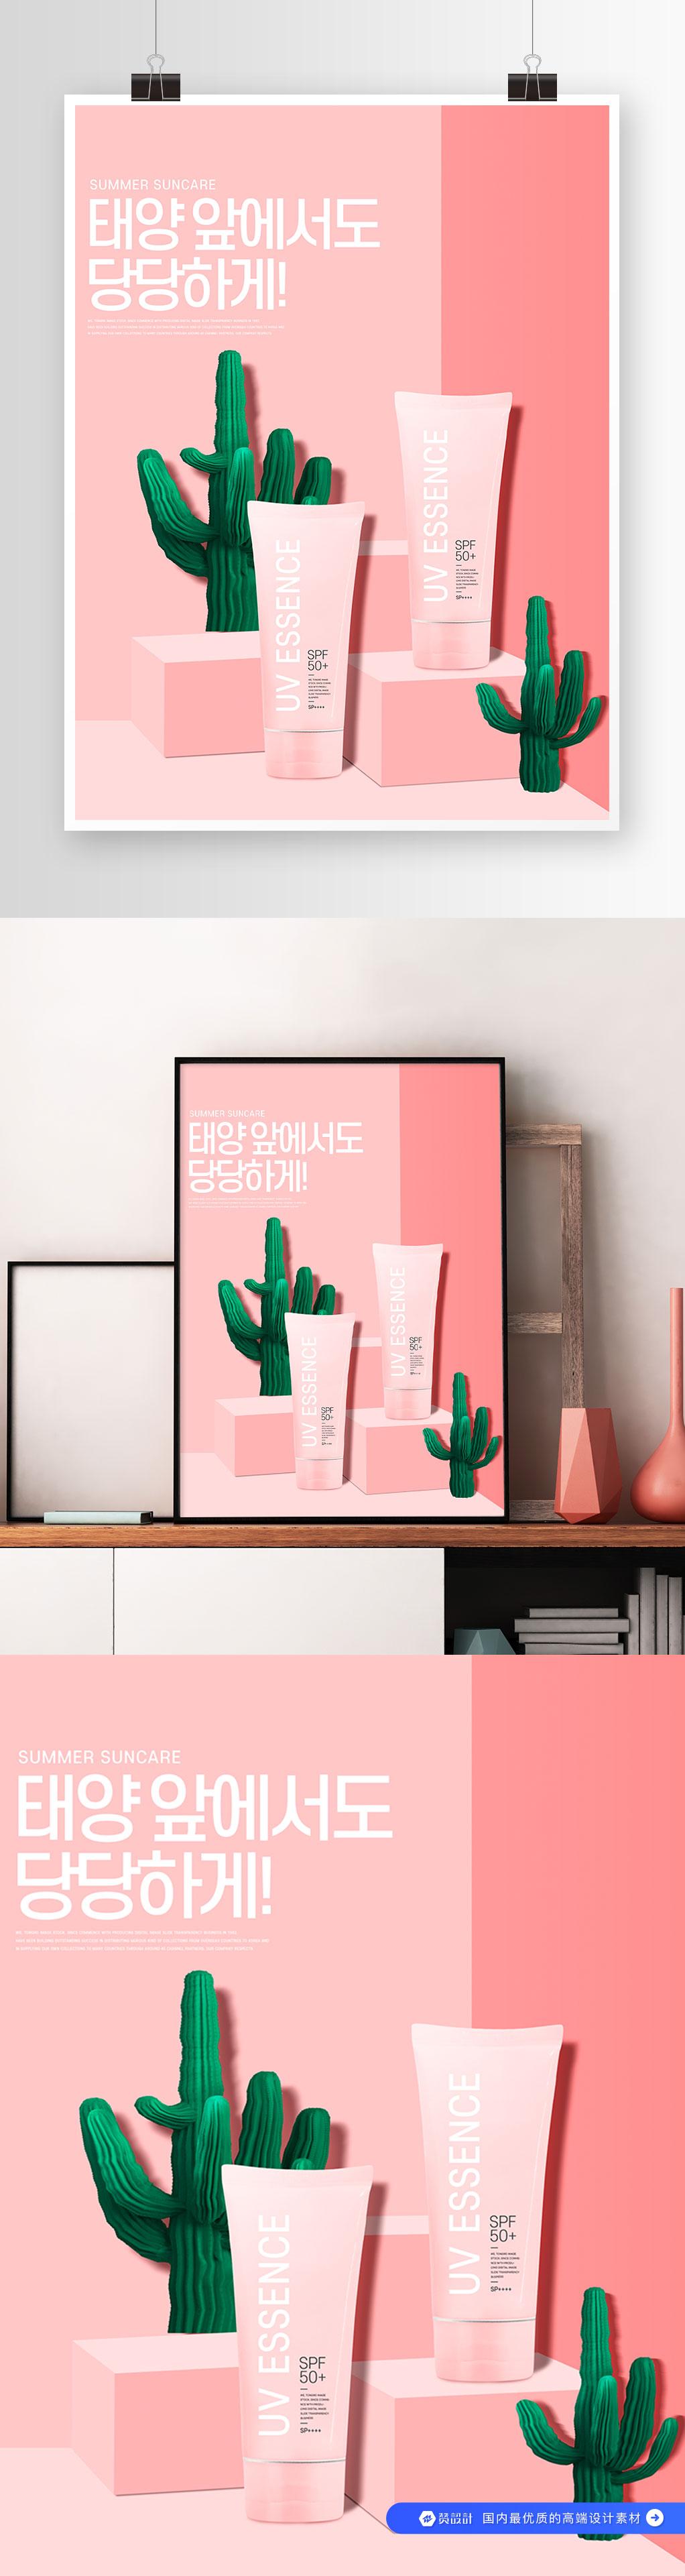 绿色小清新夏季防晒美白化妆品海报设计